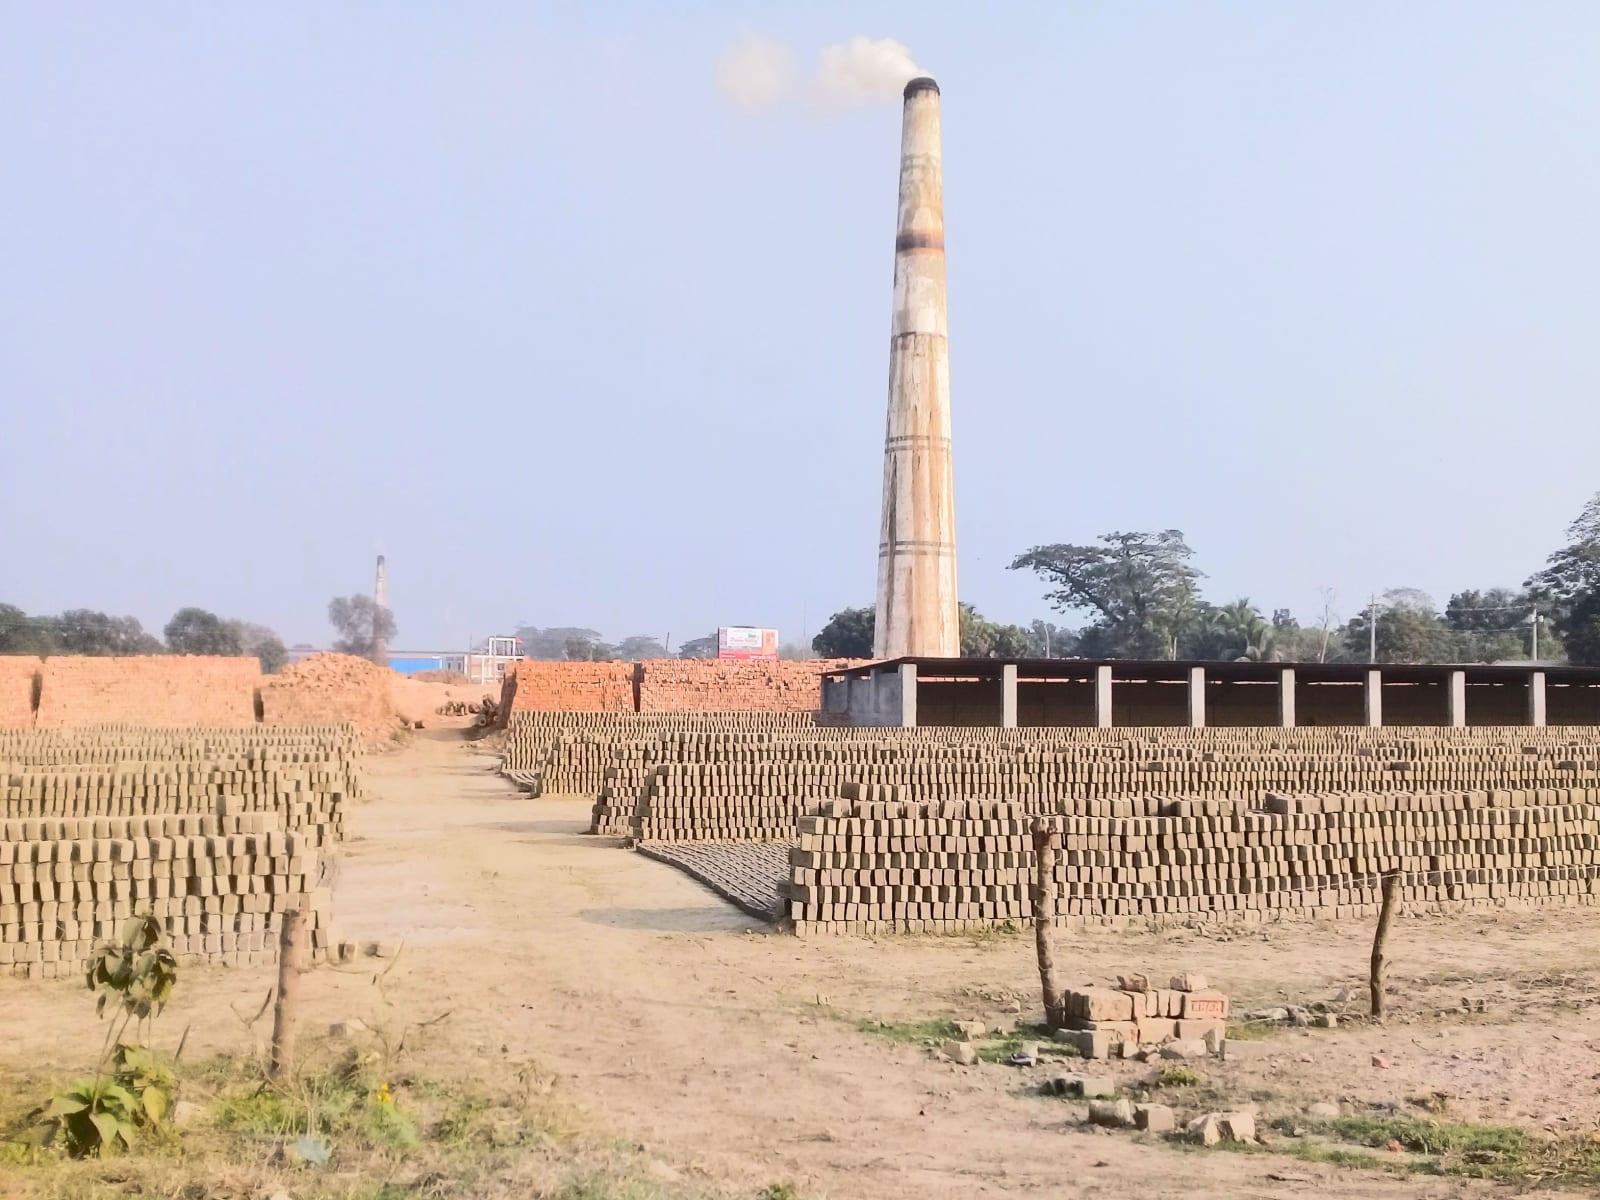 Bohatí podnikatelé skupují v zemi velké pozemky, kde zaměstnaní pracovníci přímo z přítomné hlíny vypalují cihly, Bangladéš